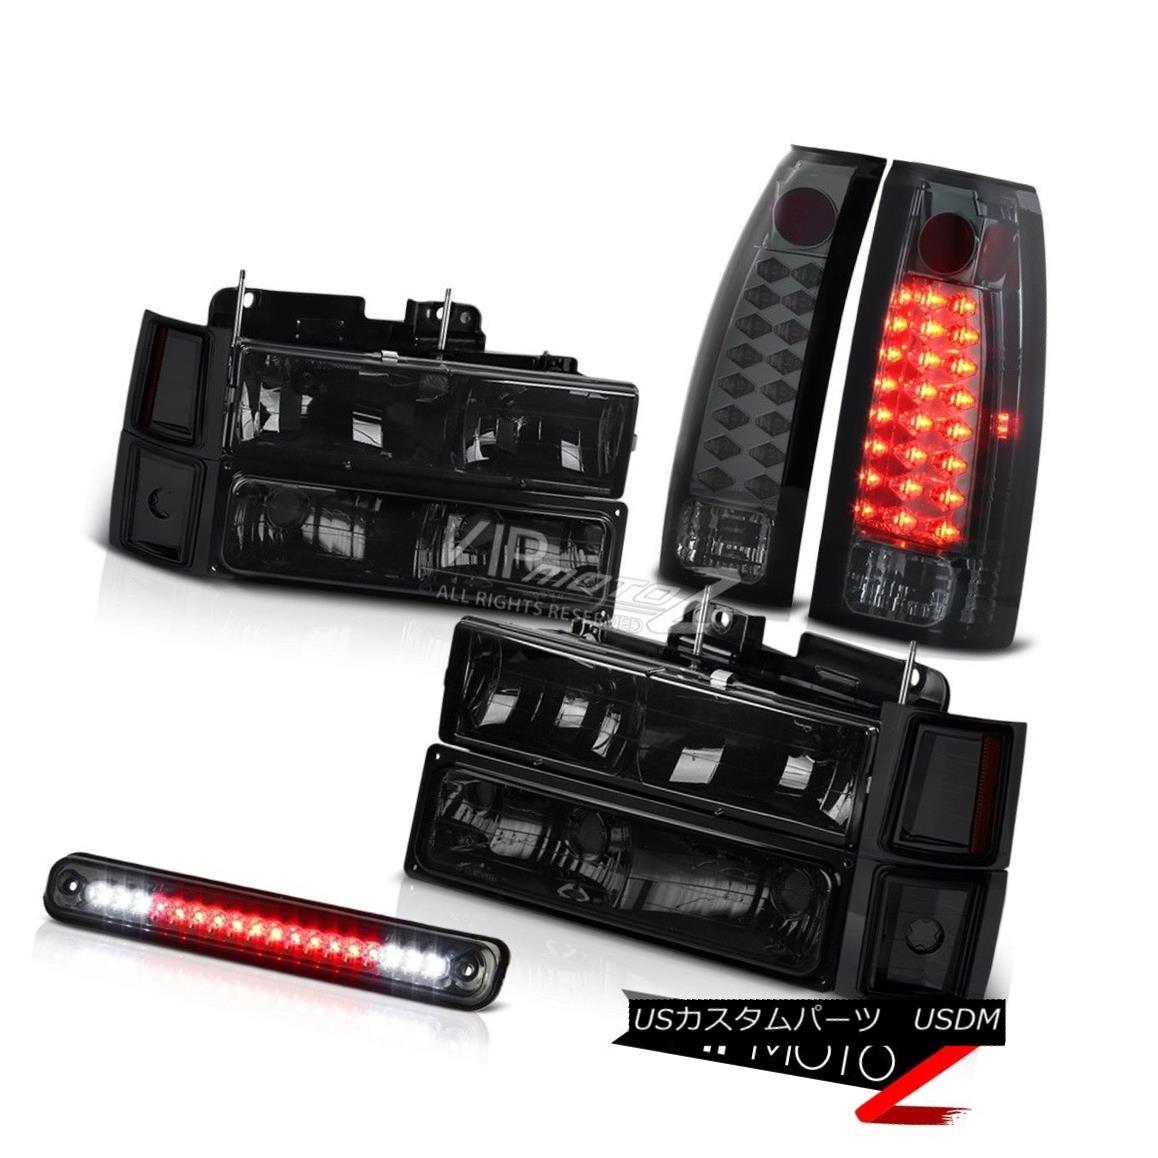 テールライト 94 95 96 97 98 Chevy Silverado CK 1500 2500 Smoke Headlight LED Tail Lamp Lights 94 95 96 97 98 Chevy Silverado CK 1500 2500スモークヘッドライトLEDテールランプライト